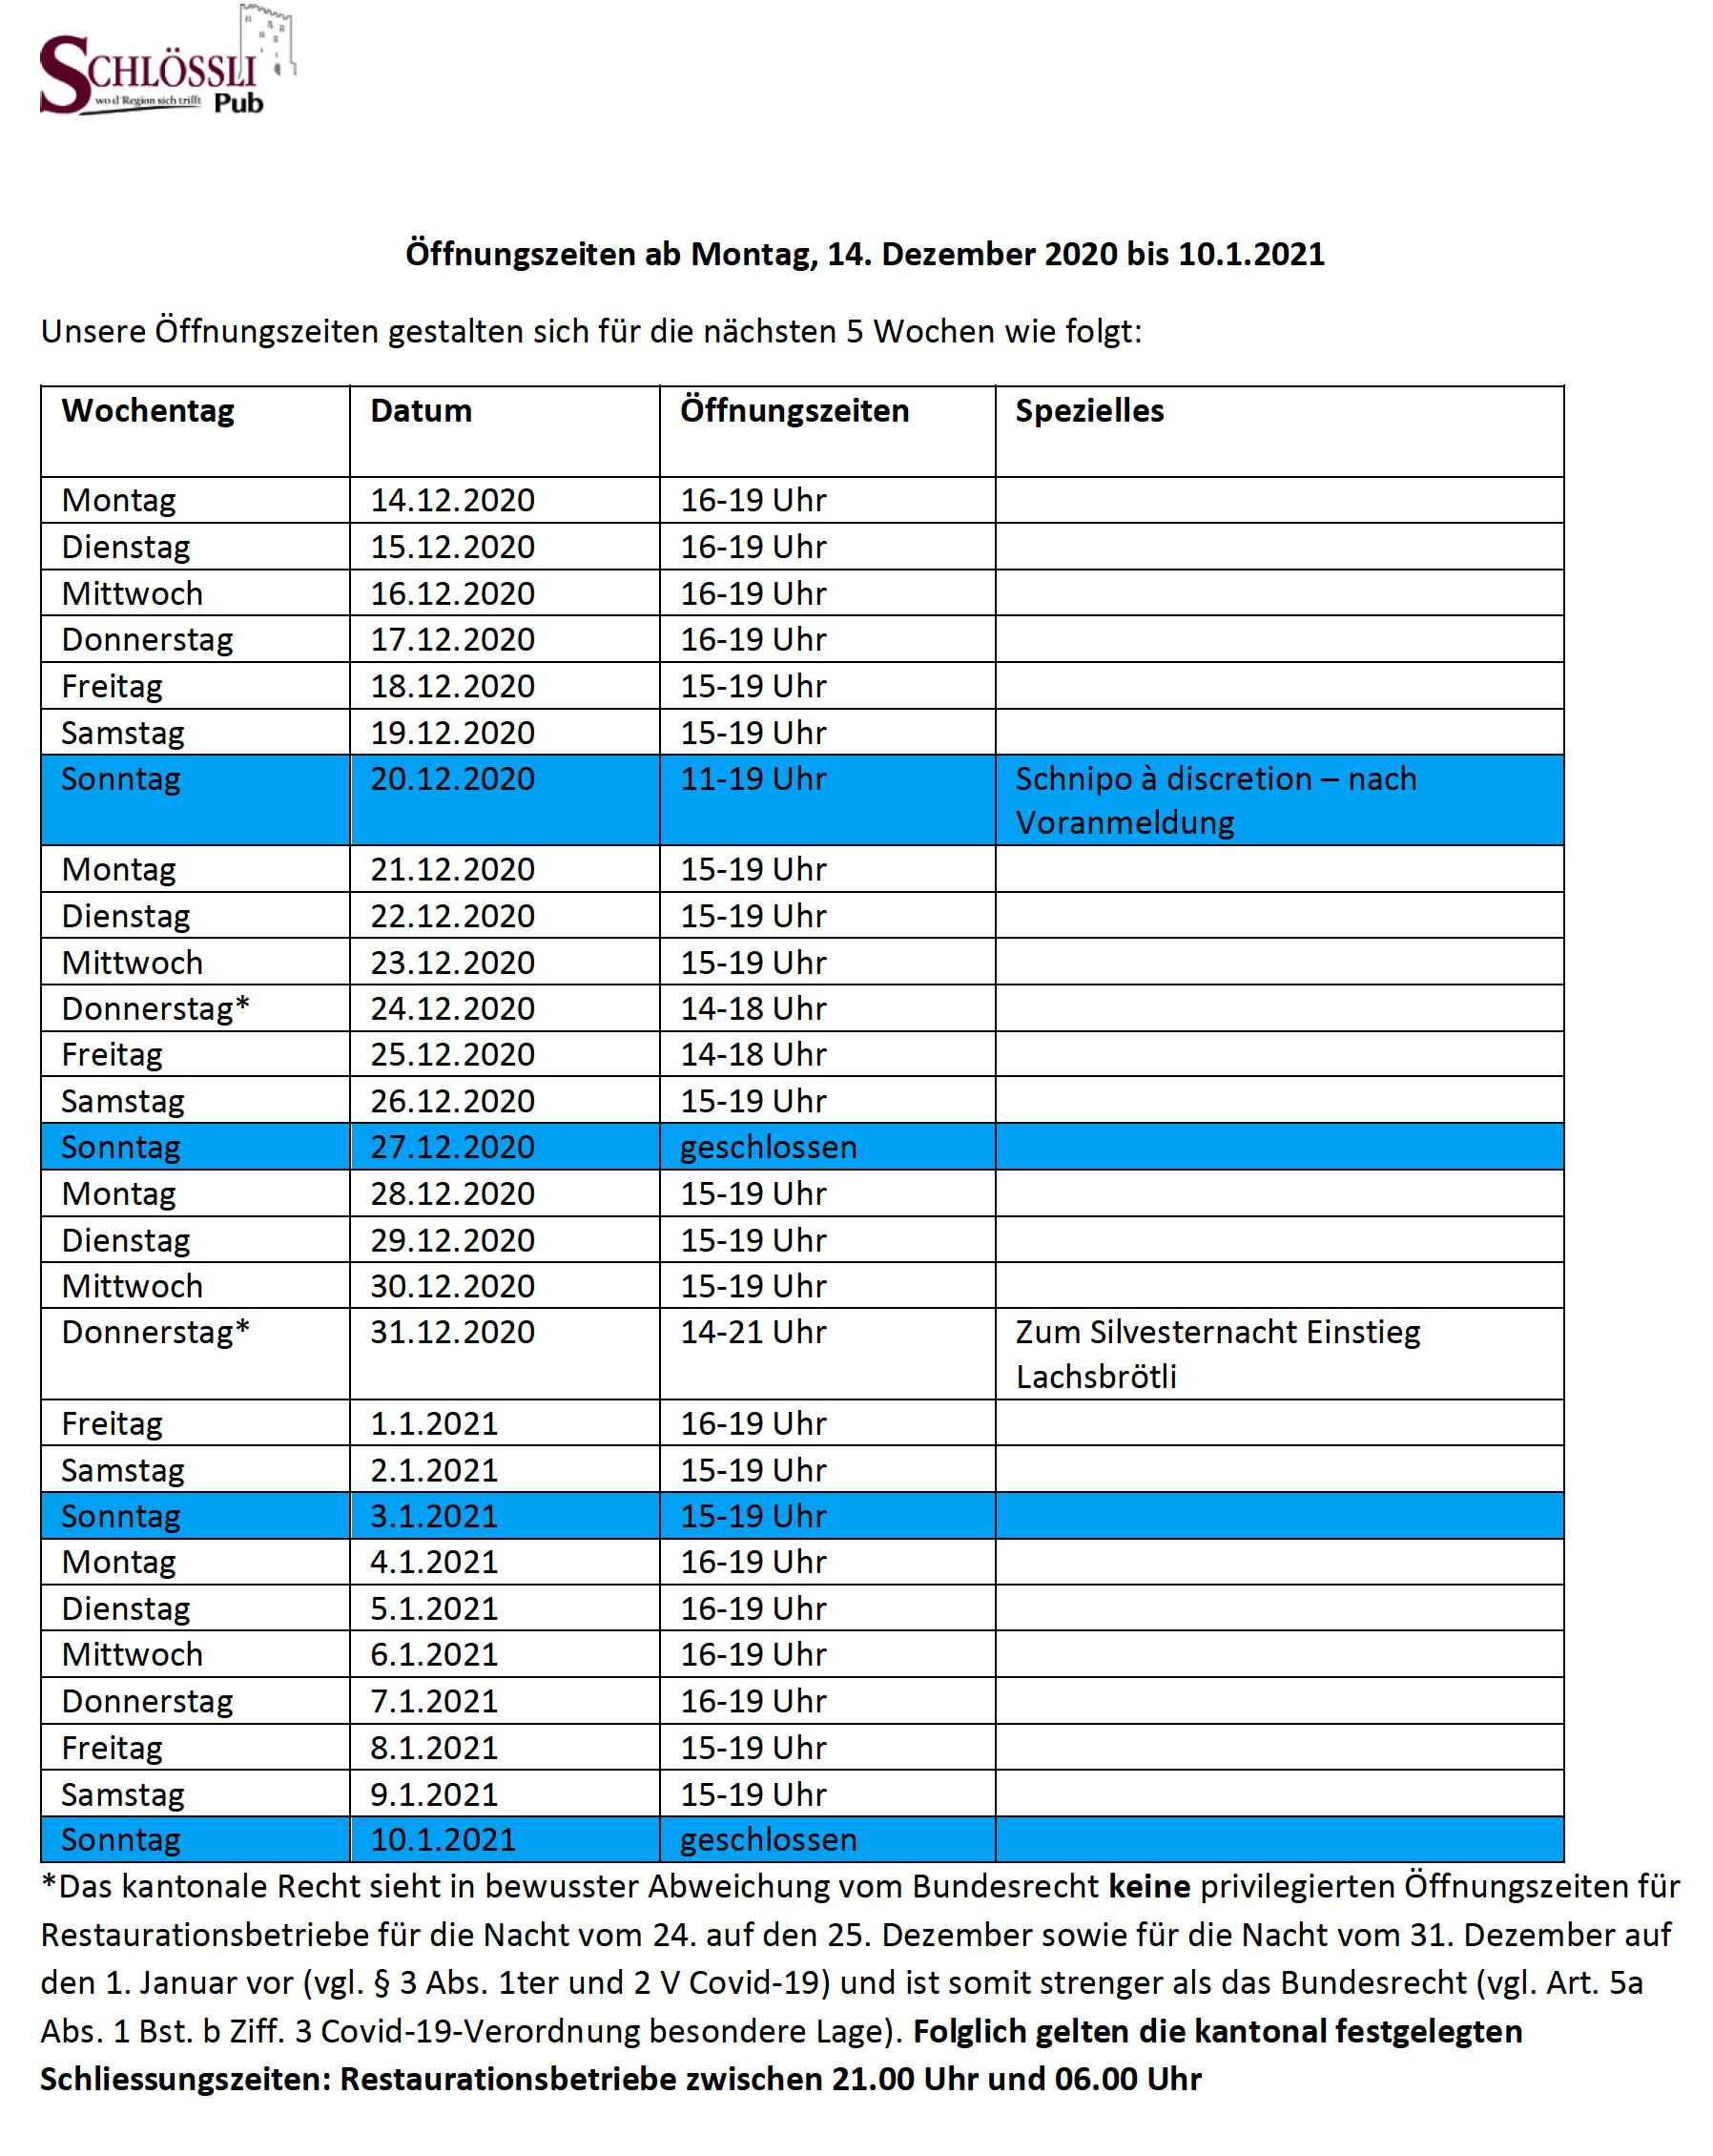 Öffnungszeiten vom 14.12.2020 bis 10.1.2021